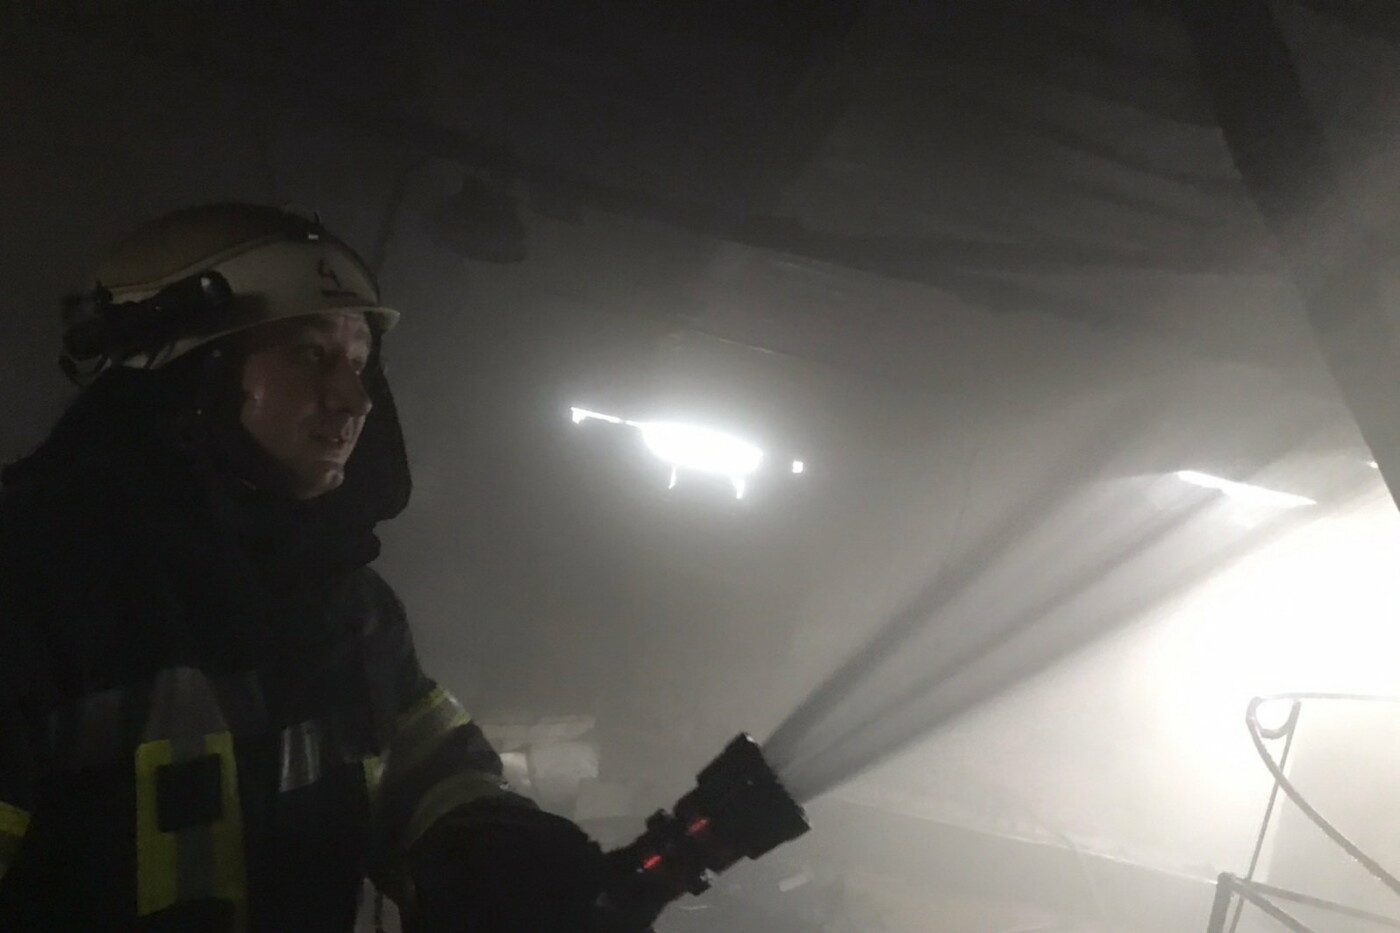 В Харькове спасатели тушили пожар на мясокомбинате, - ФОТО, фото-1